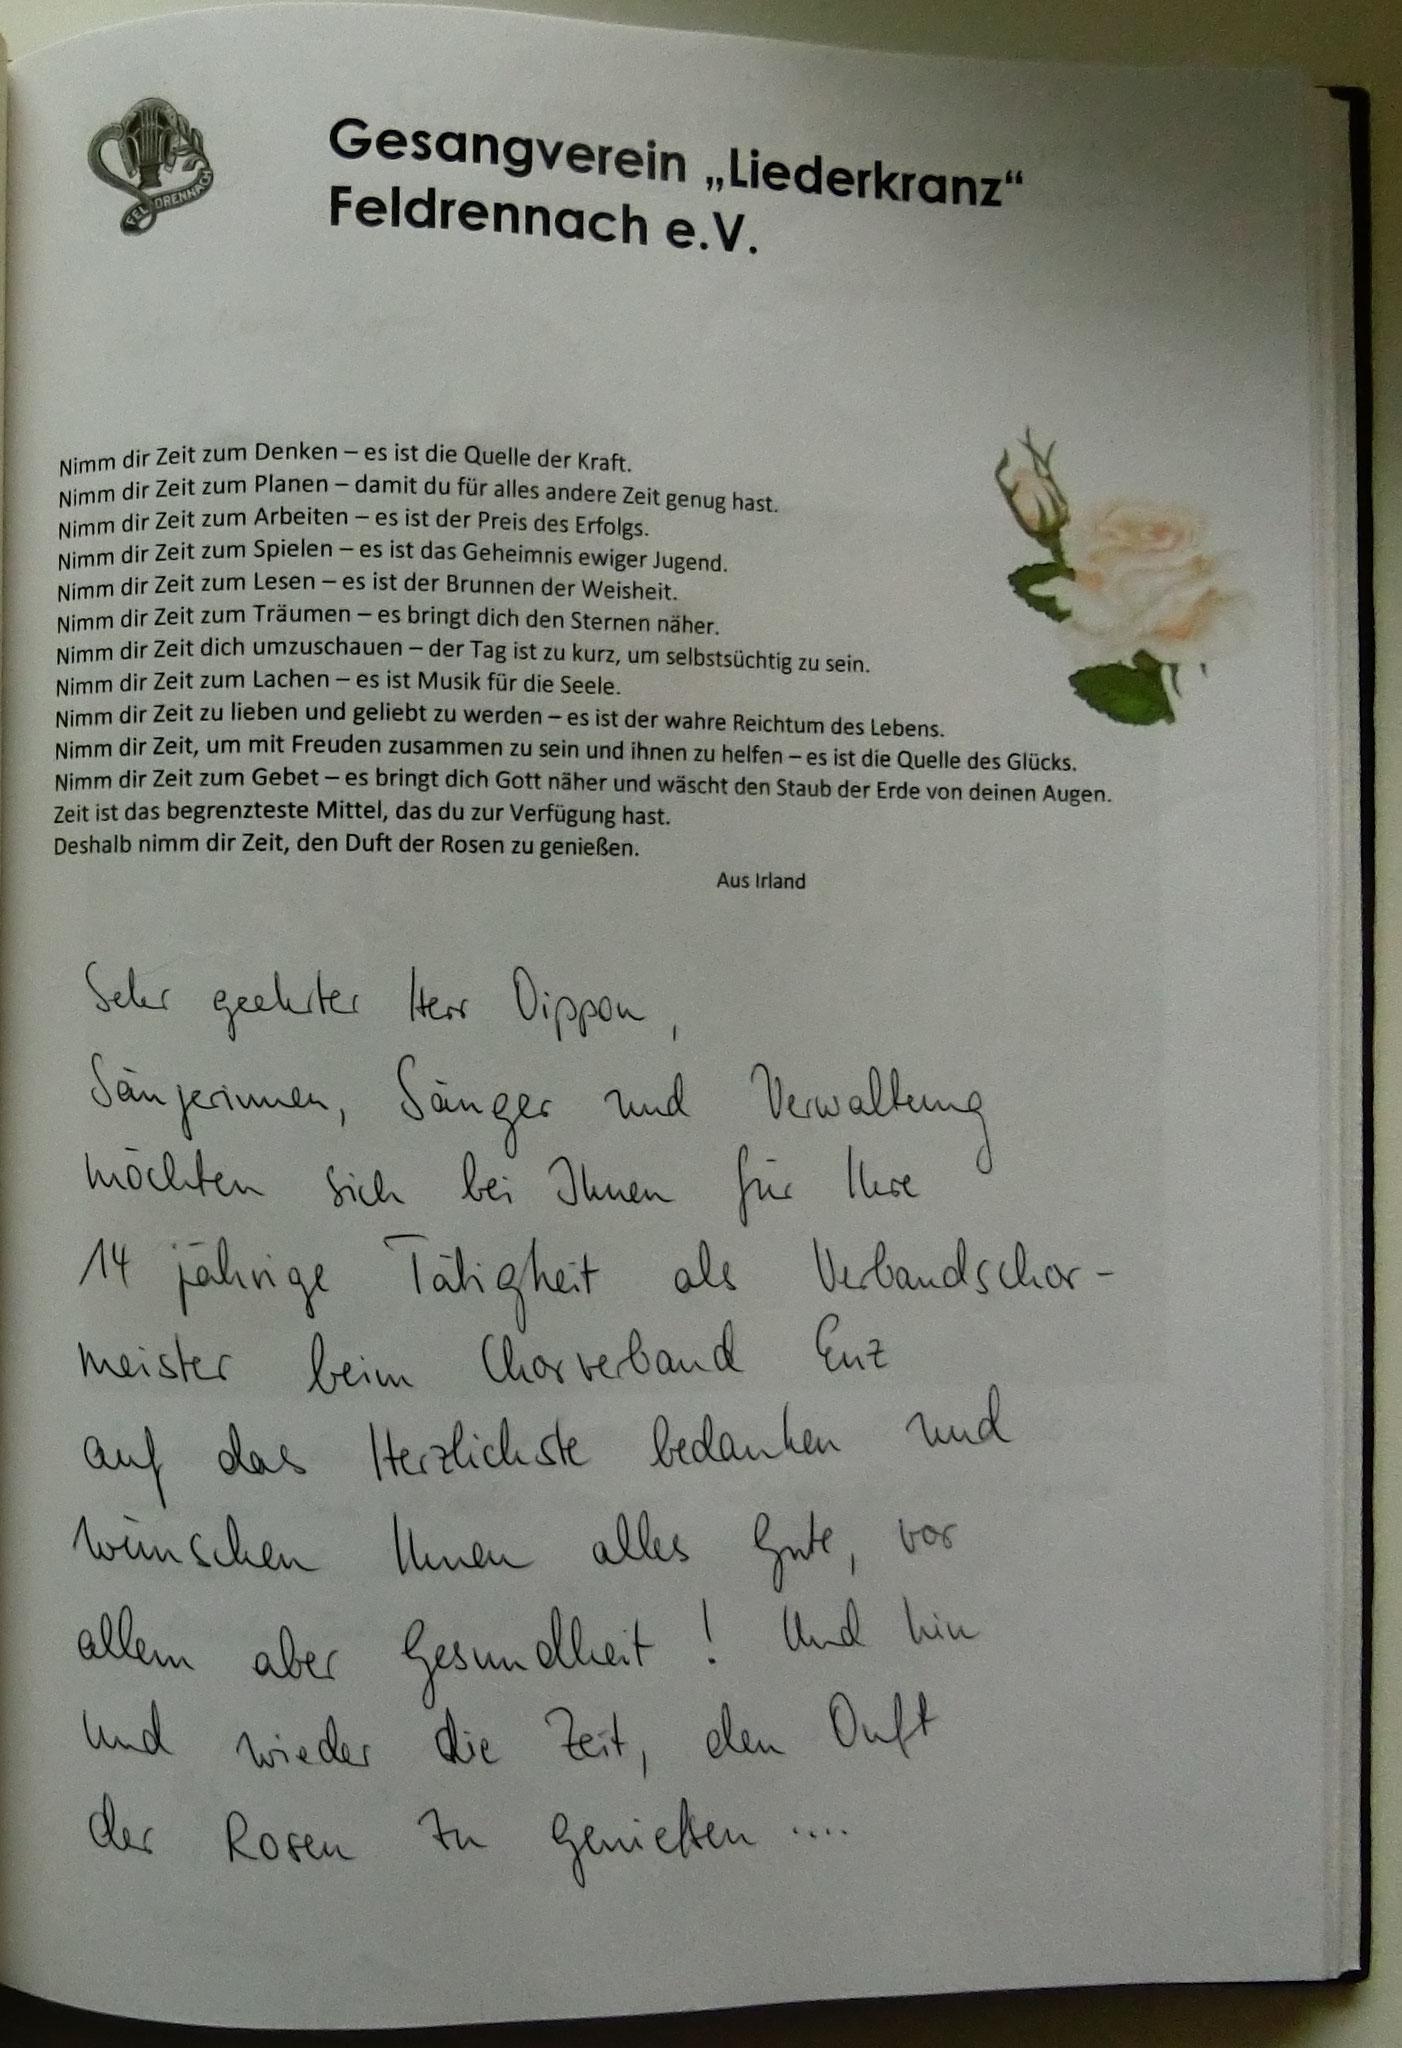 Liederkranz Feldrennach